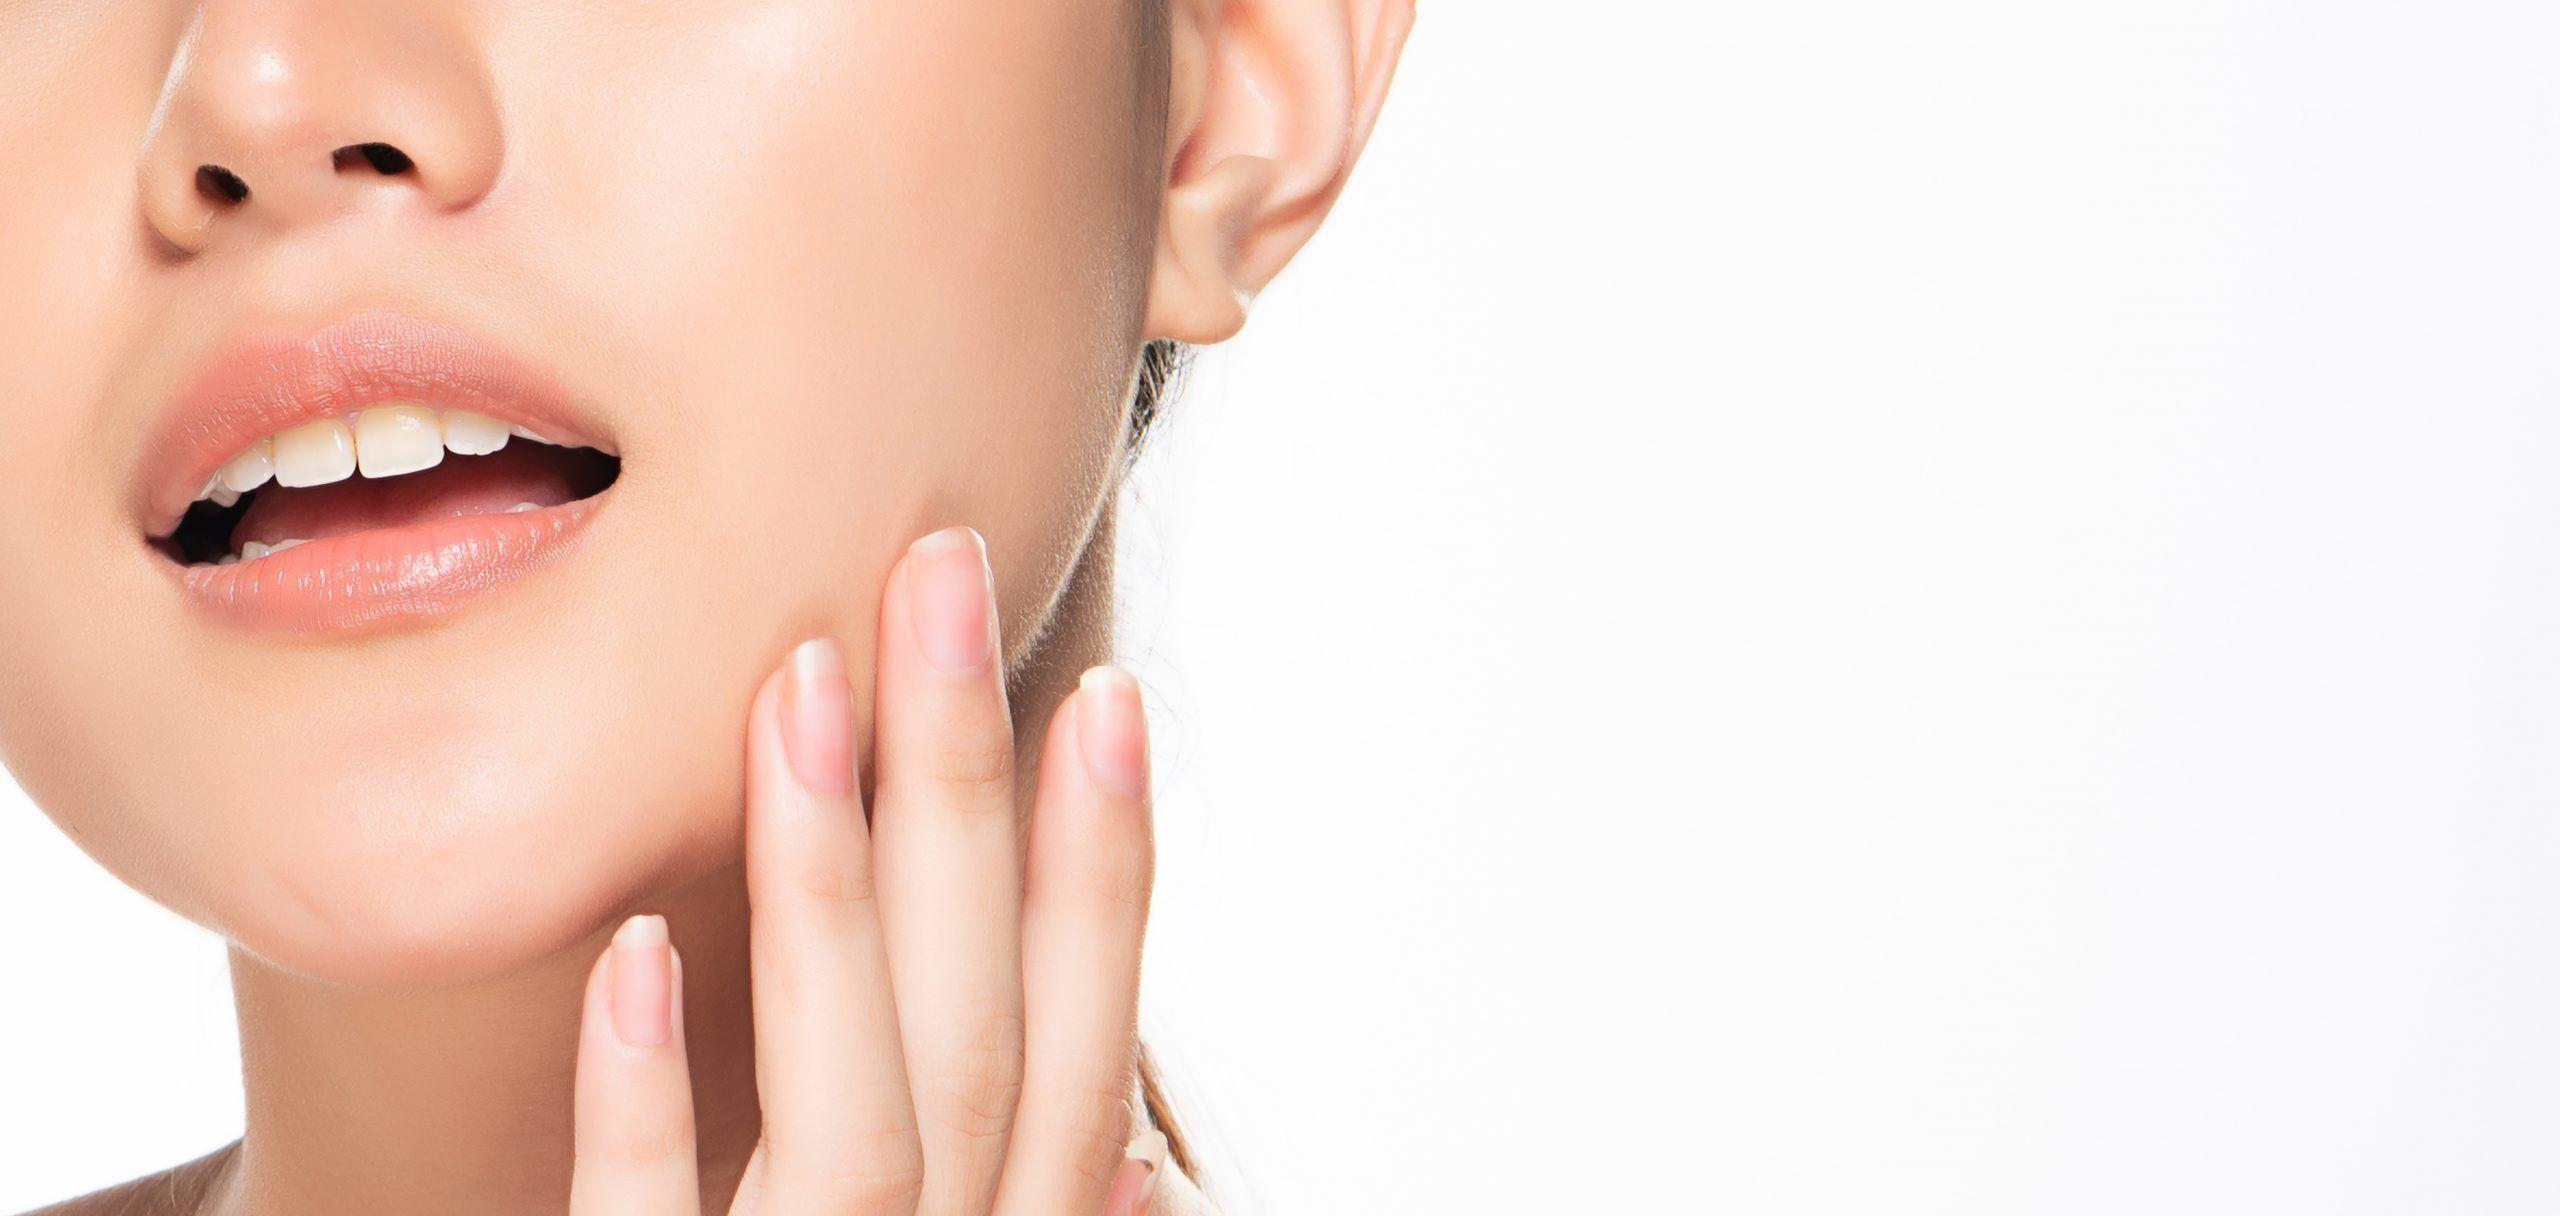 ¿Tienes manchas marrones en la piel? Cuidados útiles